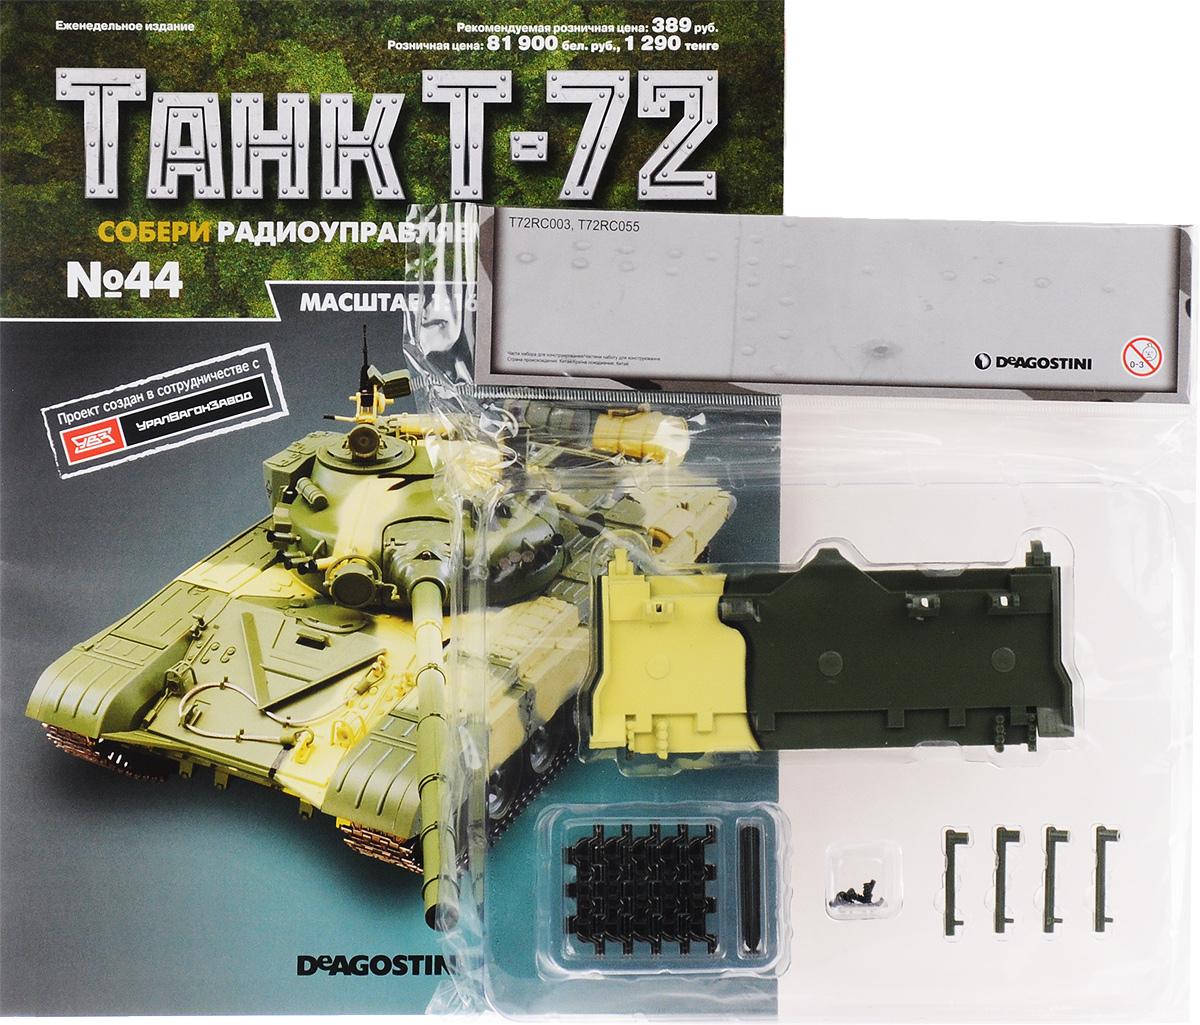 Журнал Танк Т-72 №44TANK044Перед вами - журнал из уникальной серии партворков Танк Т-72 с увлекательной информацией о легендарных боевых машинах и элементами для сборки копии танка Т-72 в уменьшенном варианте 1:16. У вас есть возможность собственноручно создать высококачественную модель этого знаменитого танка с достоверным воспроизведением всех элементов, сохранением функций подлинной боевой машины и дистанционным управлением. В комплект с номером входят нижняя лобовая панель, крепежные бонки, винты, а также траки и штифты для продолжения сборки гусеничной ленты. Категория 16+.